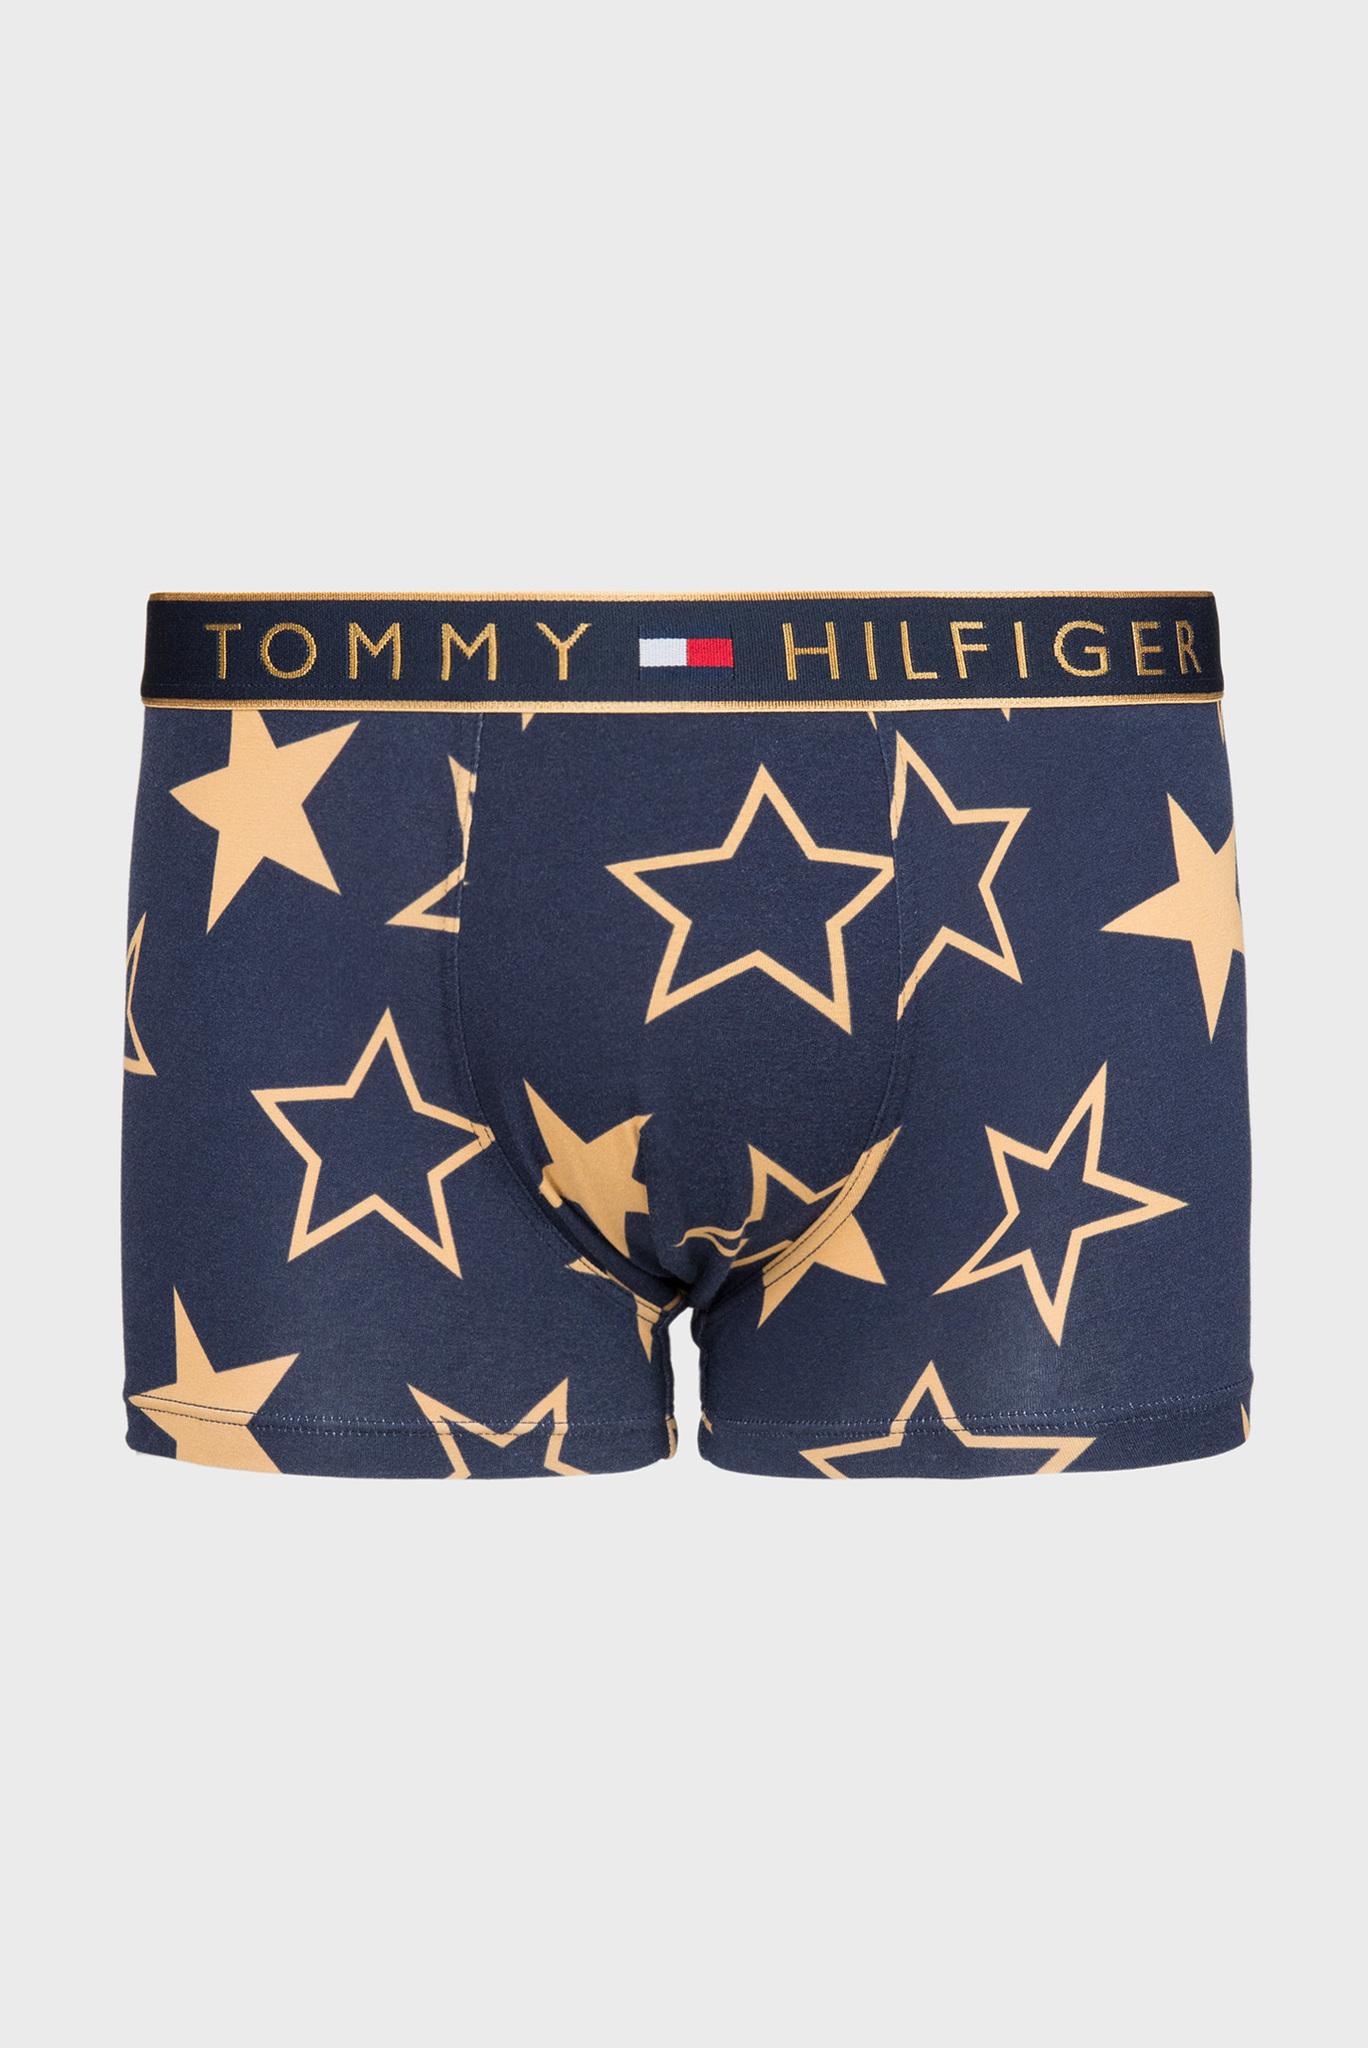 Мужские синие боксерыTRUNK GOLDEN STARS Tommy Hilfiger